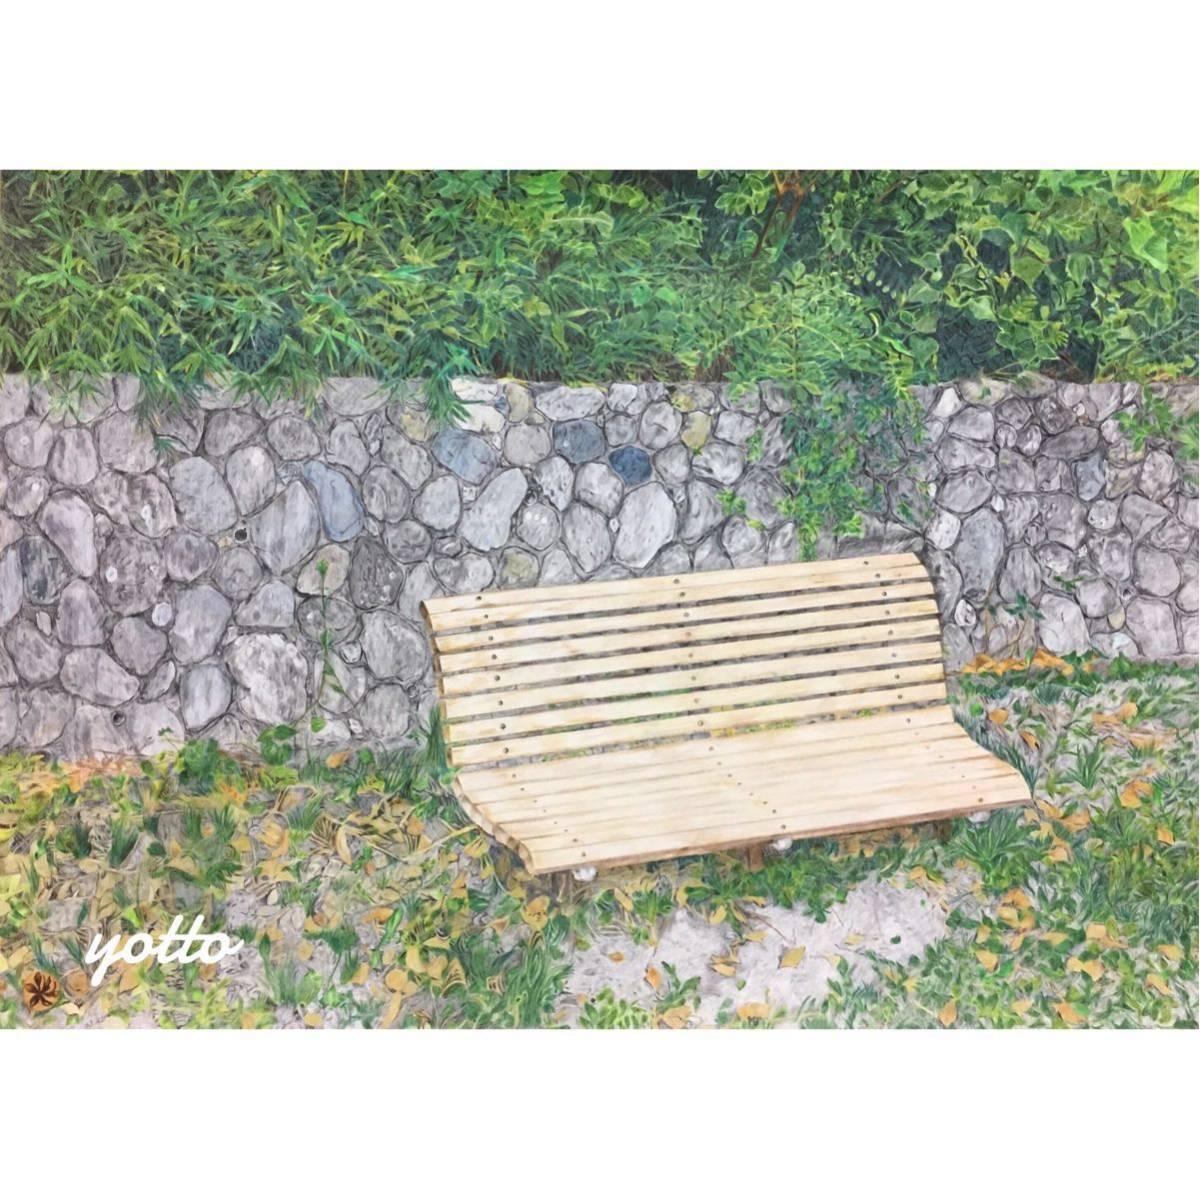 色鉛筆画「 通過点 」A2・額付き◇◆手描き◇原画◆風景画◇◆yotto_画像1